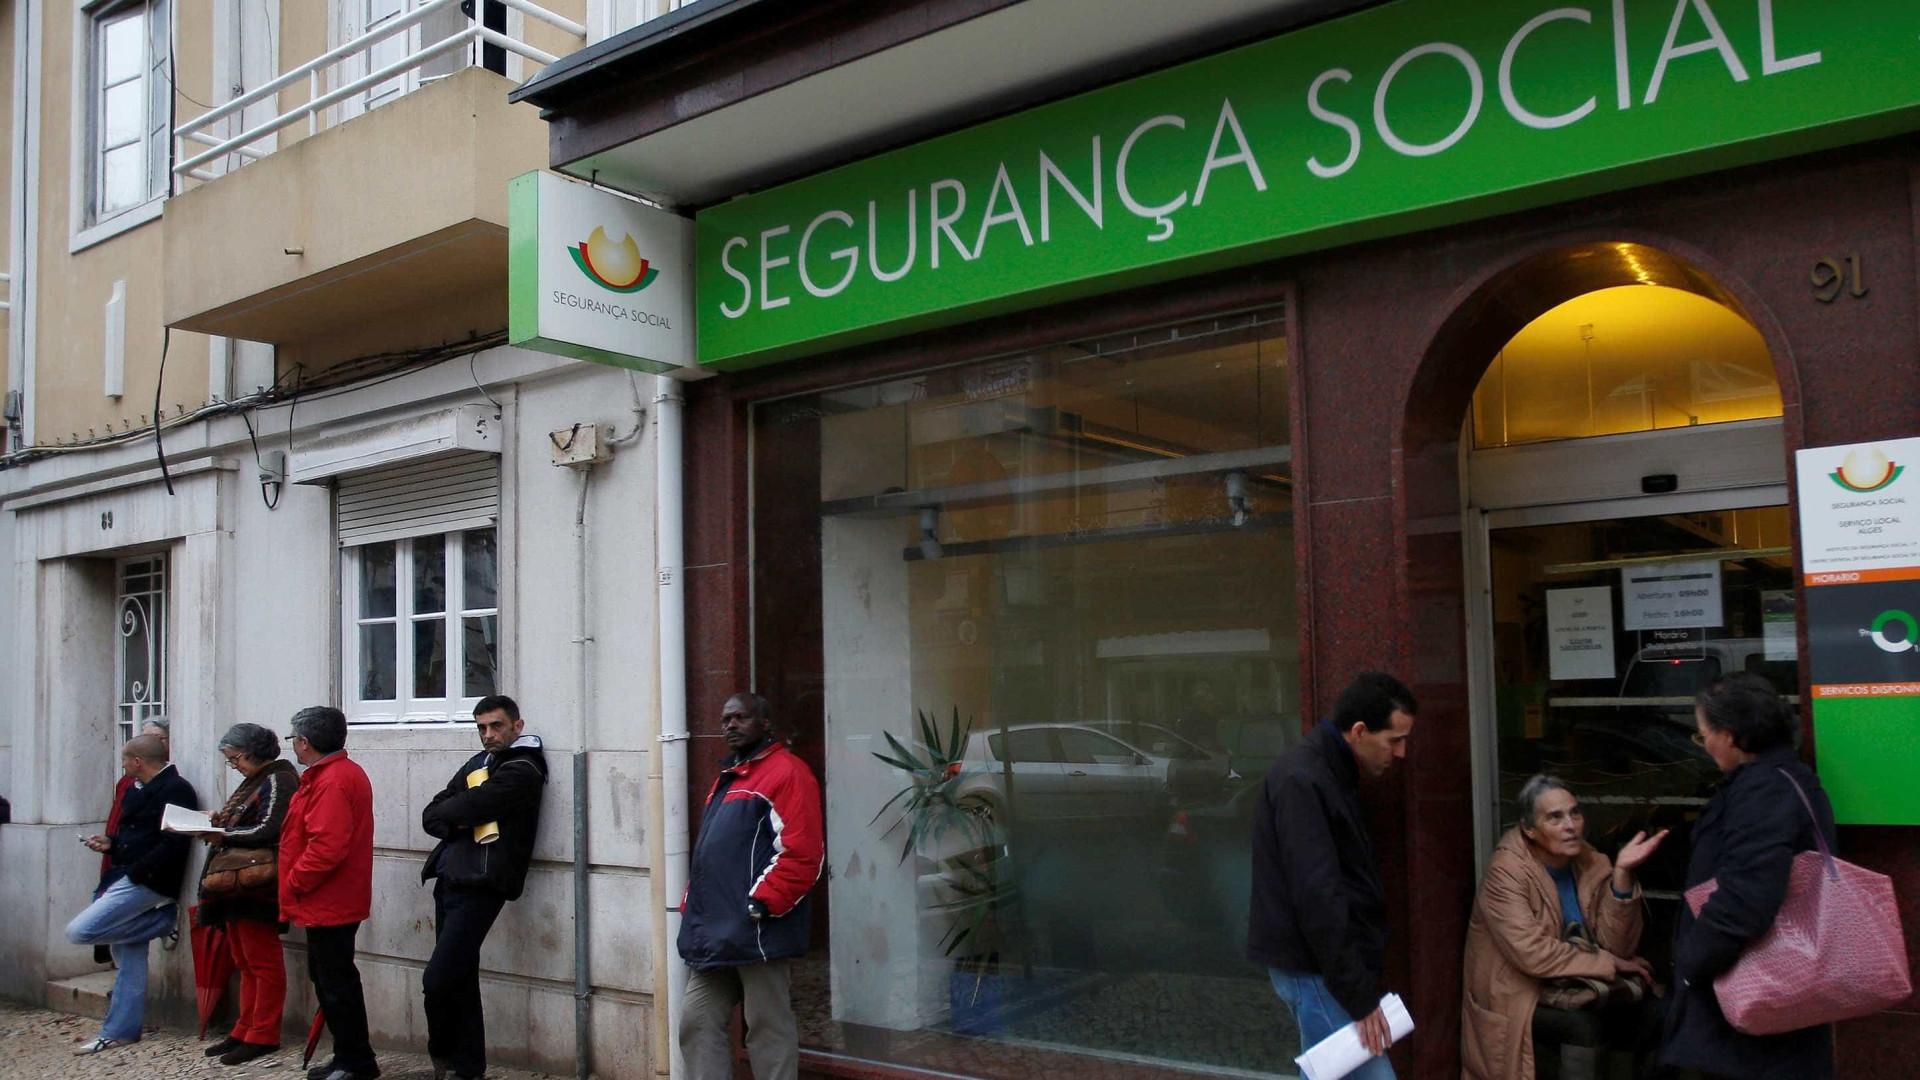 Segurança Social de Sacavém pode reabrir até final do ano